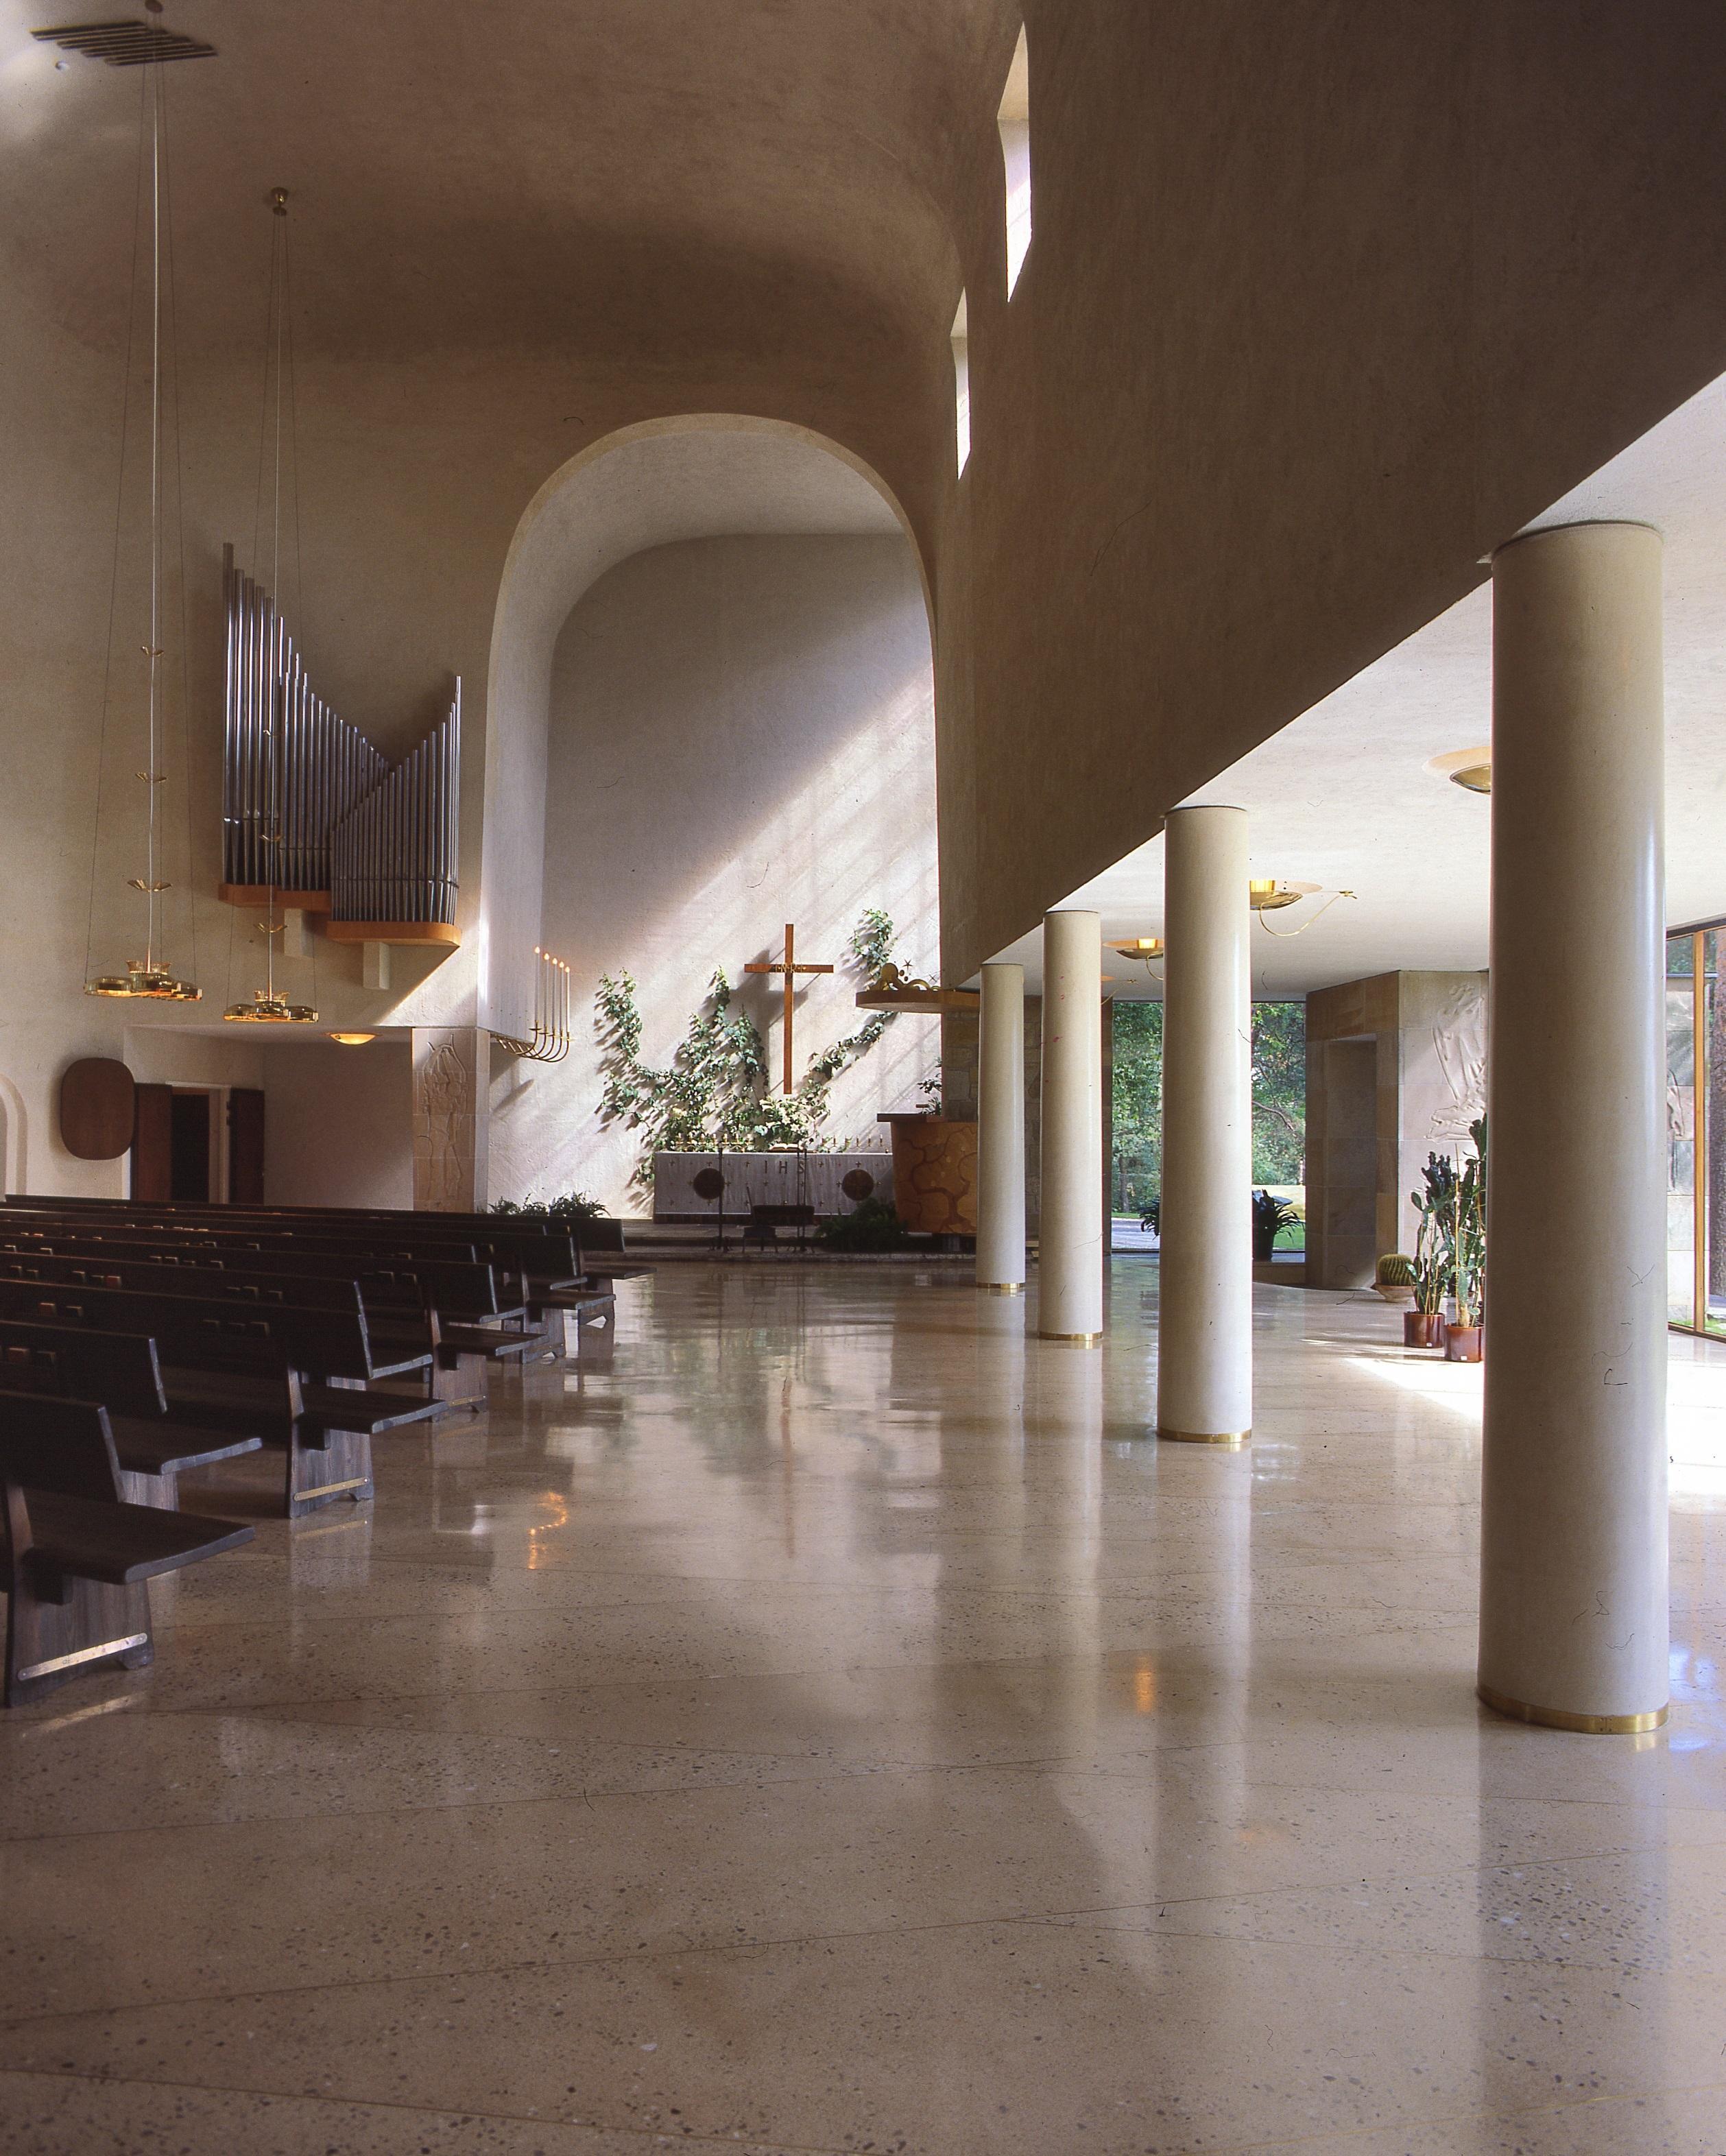 Esitelmä Arkkitehti Erik Bryggman ja Bauhausin vaikutus